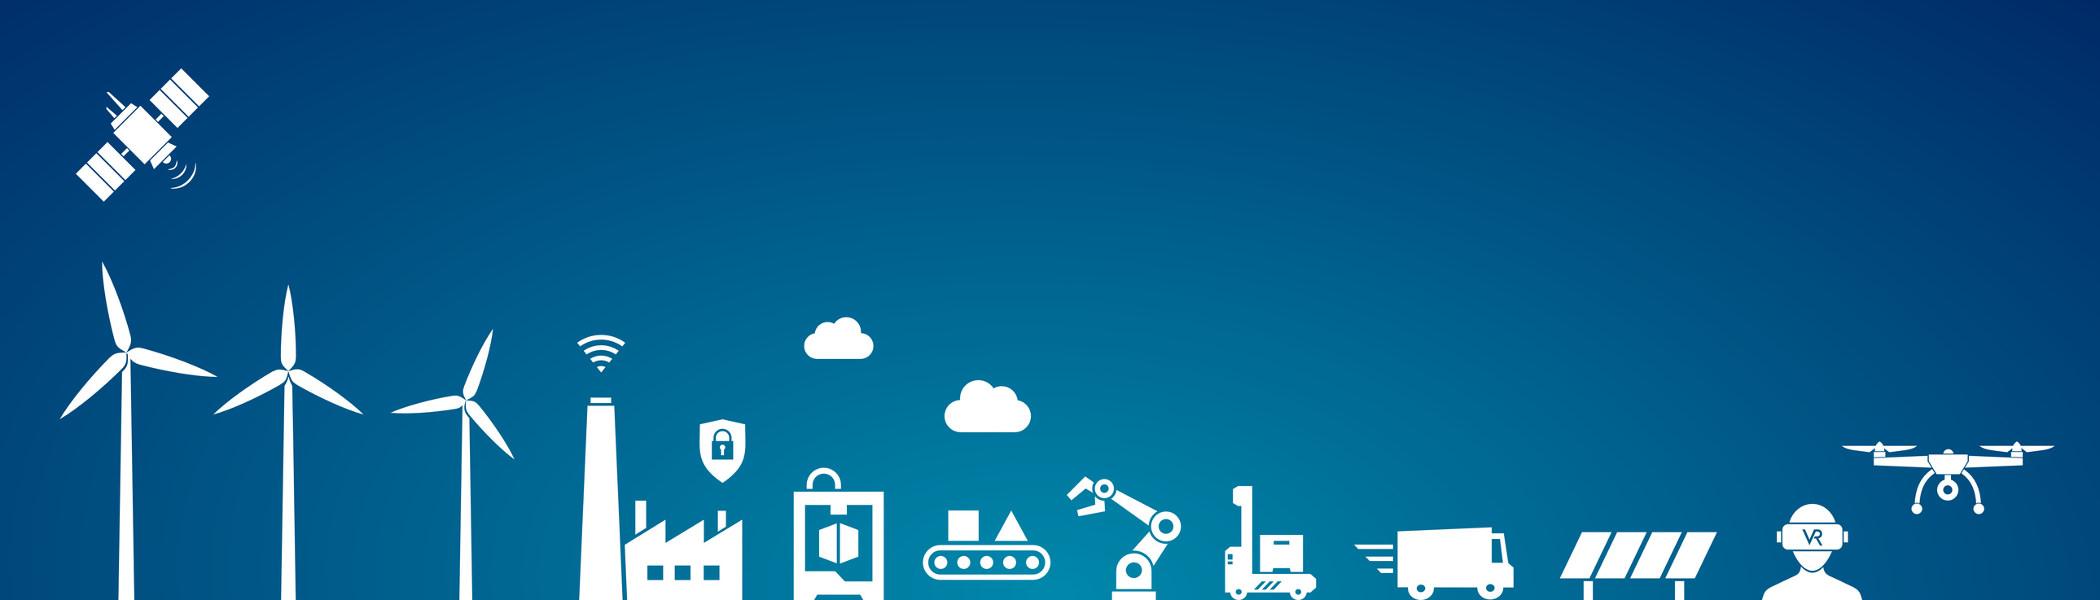 Verschiedenste Branchen, Handwerksbetriebe und Dienstleistungsbetriebe